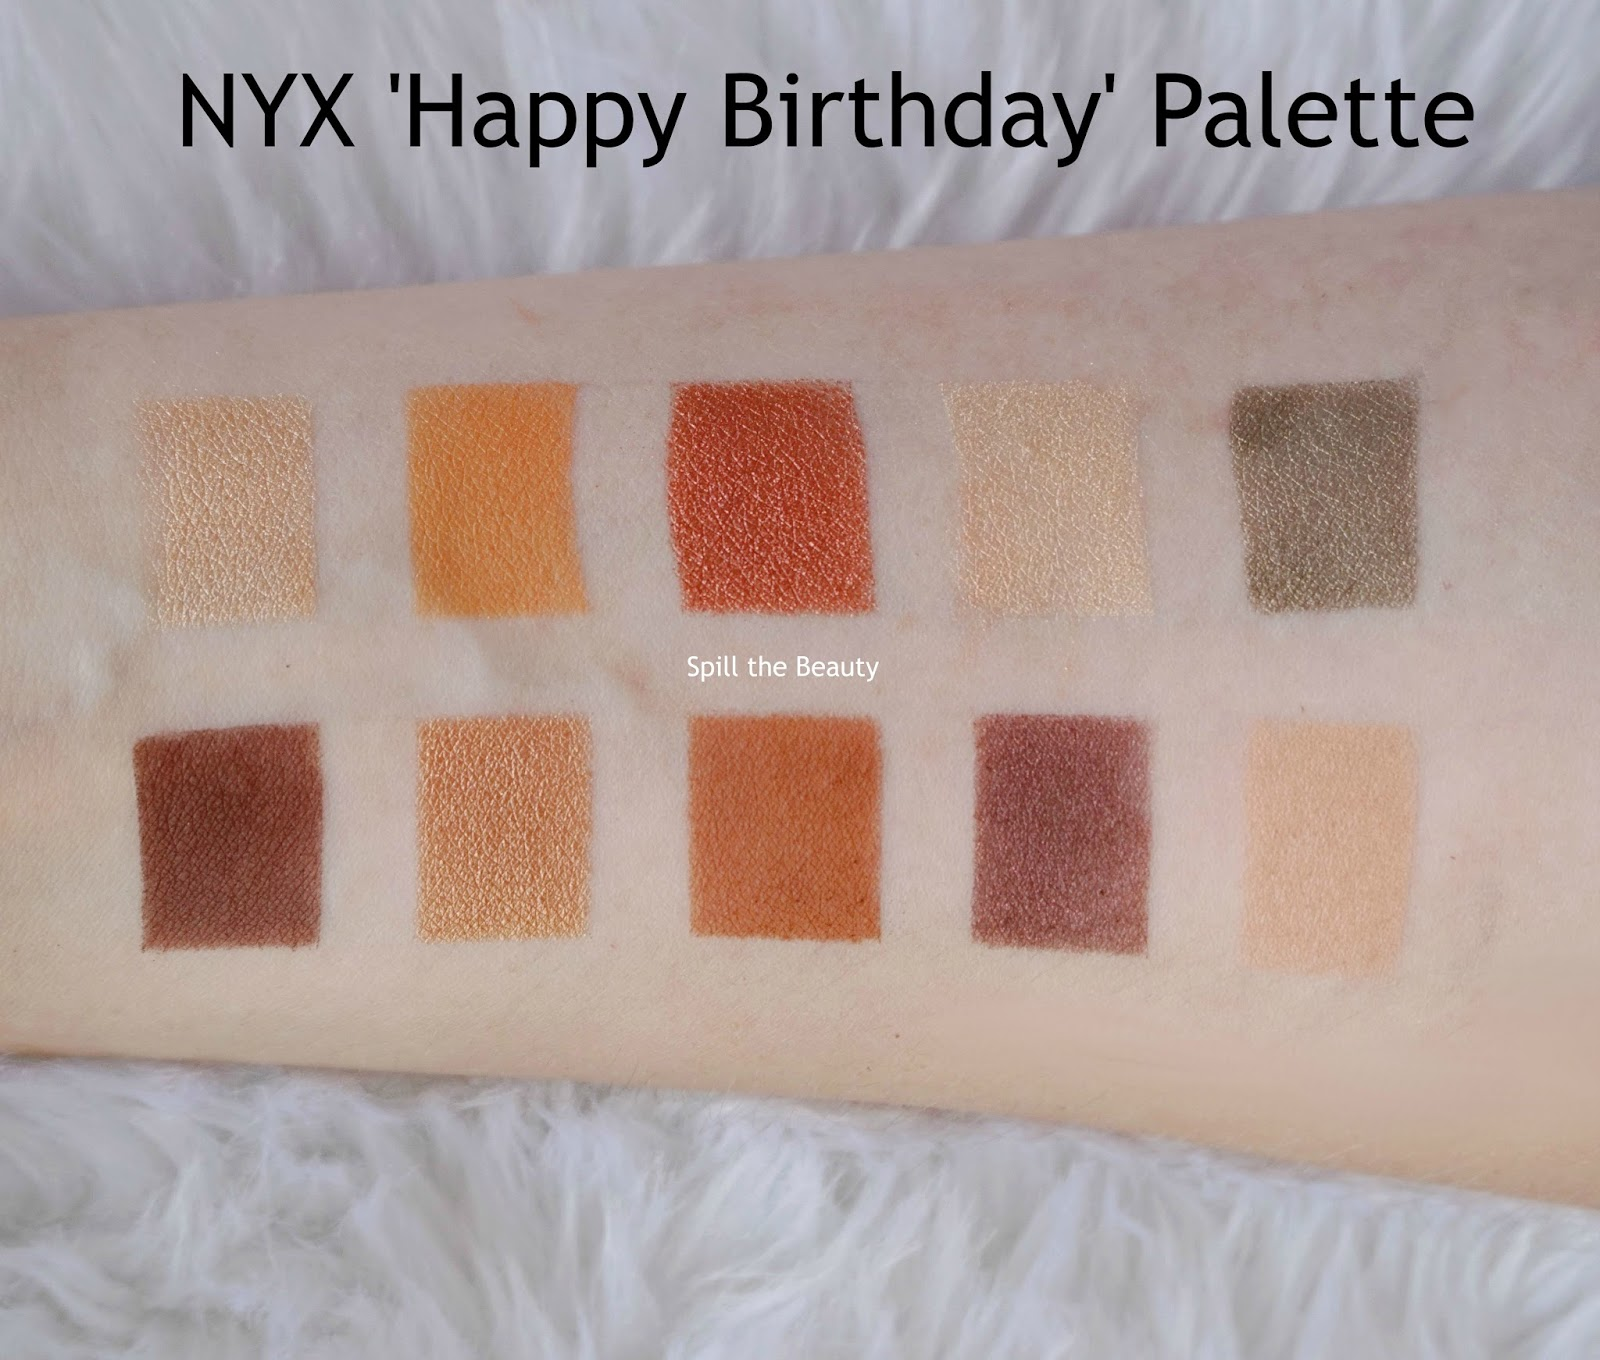 Ulta nyx birthday palette 2019